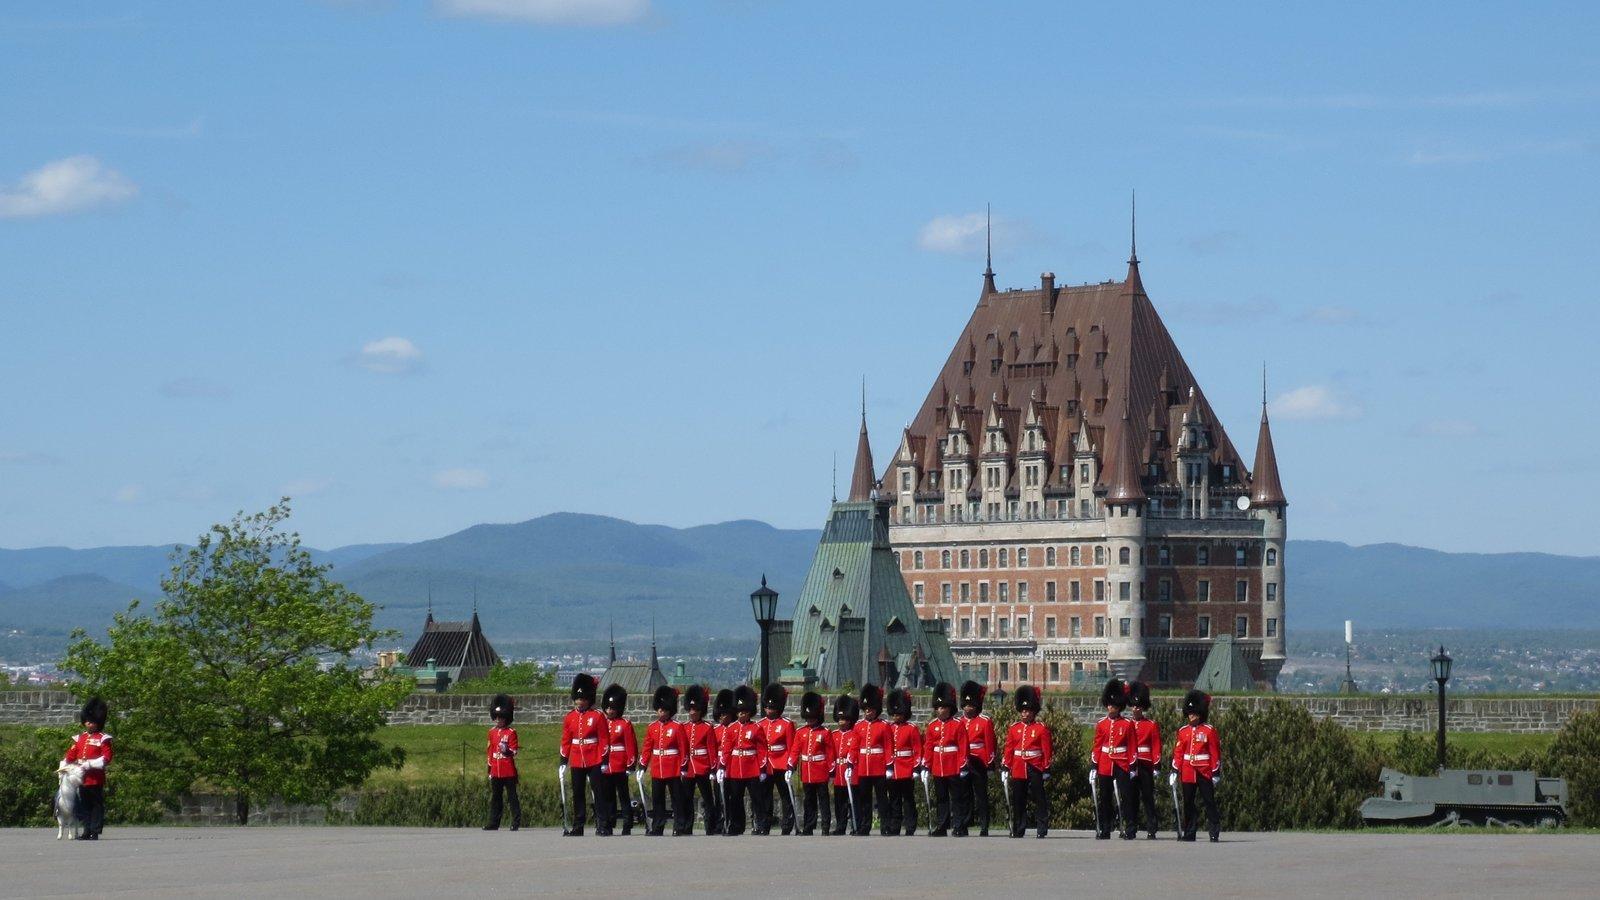 Quebec ofreciendo un castillo y también un gran grupo de personas